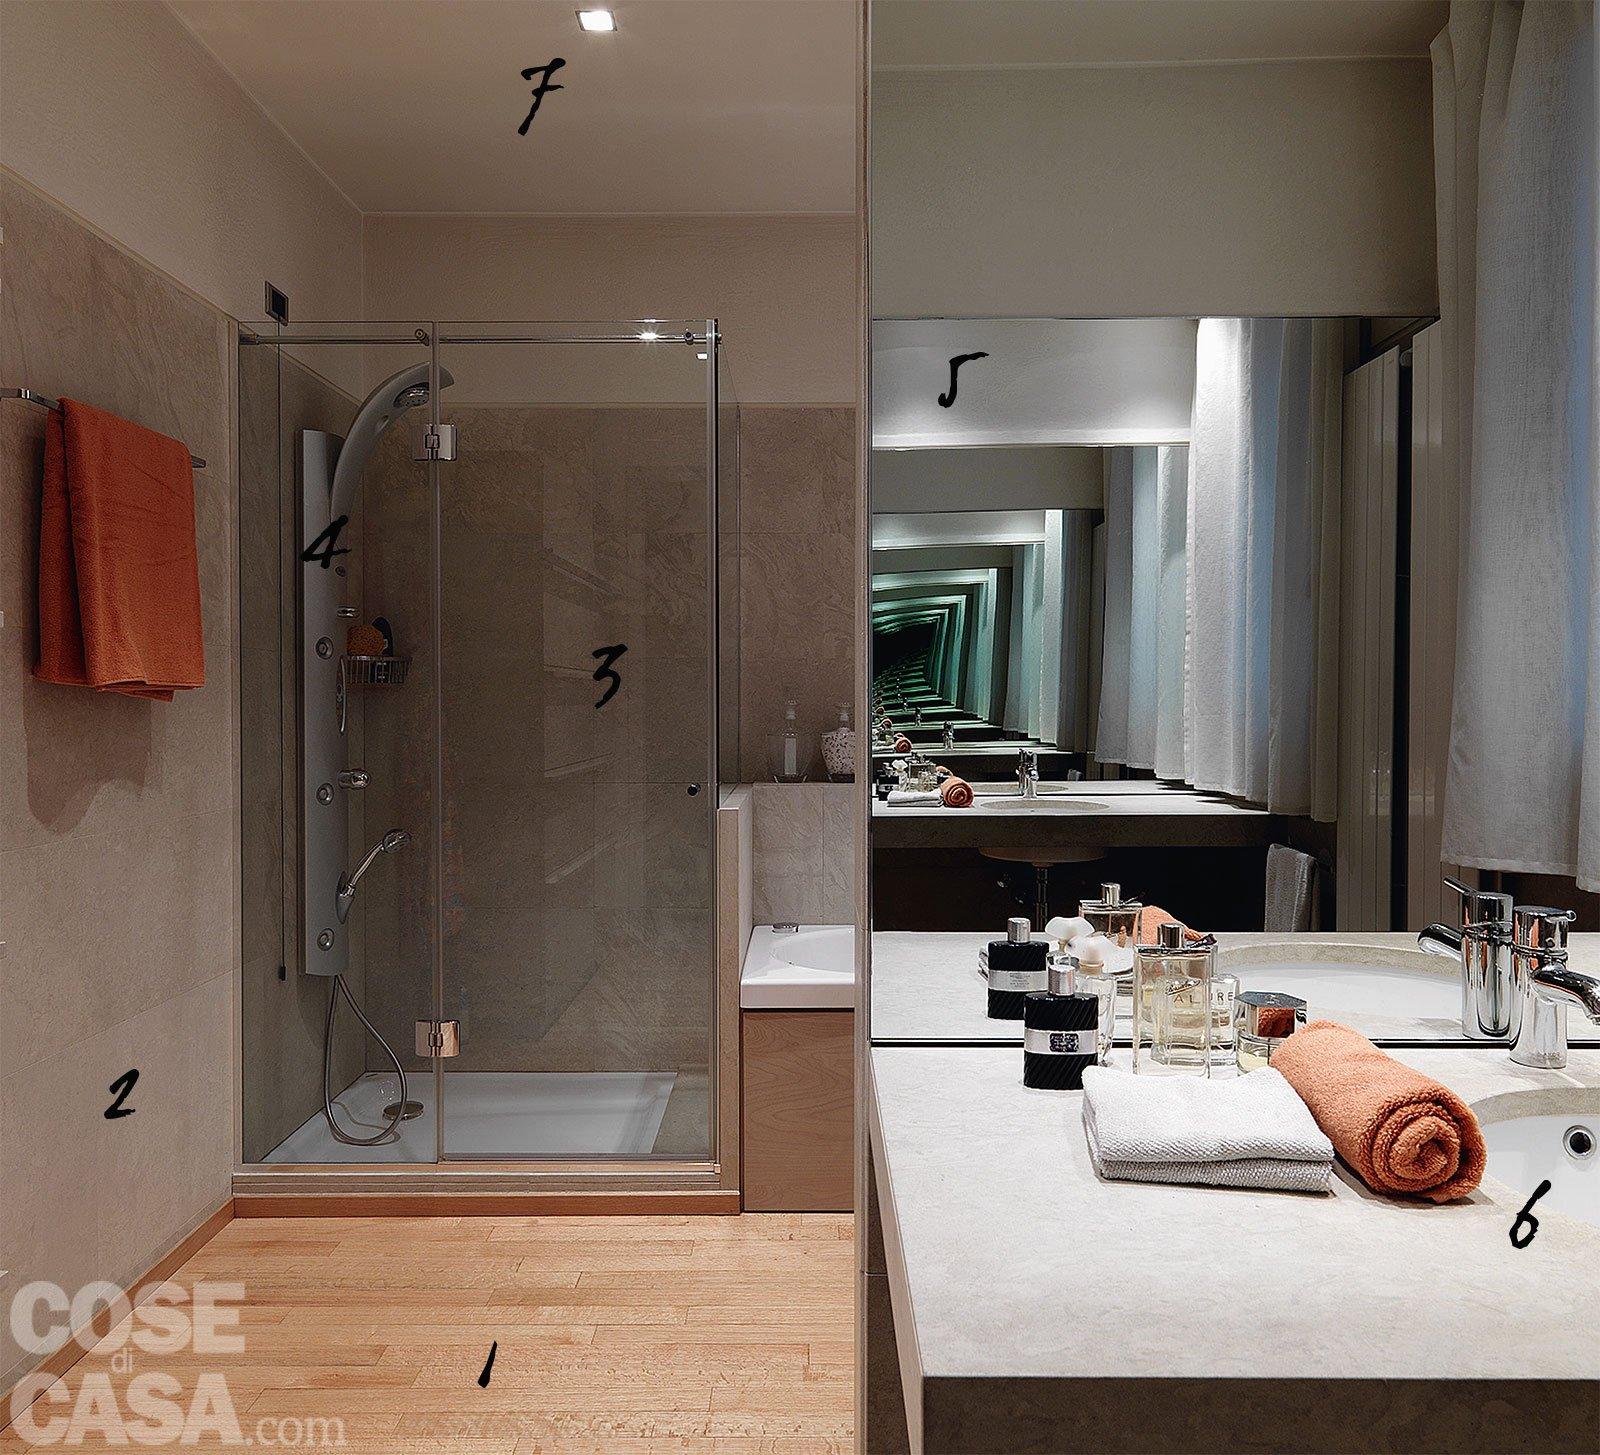 Bagno in stile minimal idee da copiare cose di casa - Idee per arredare casa moderna ...